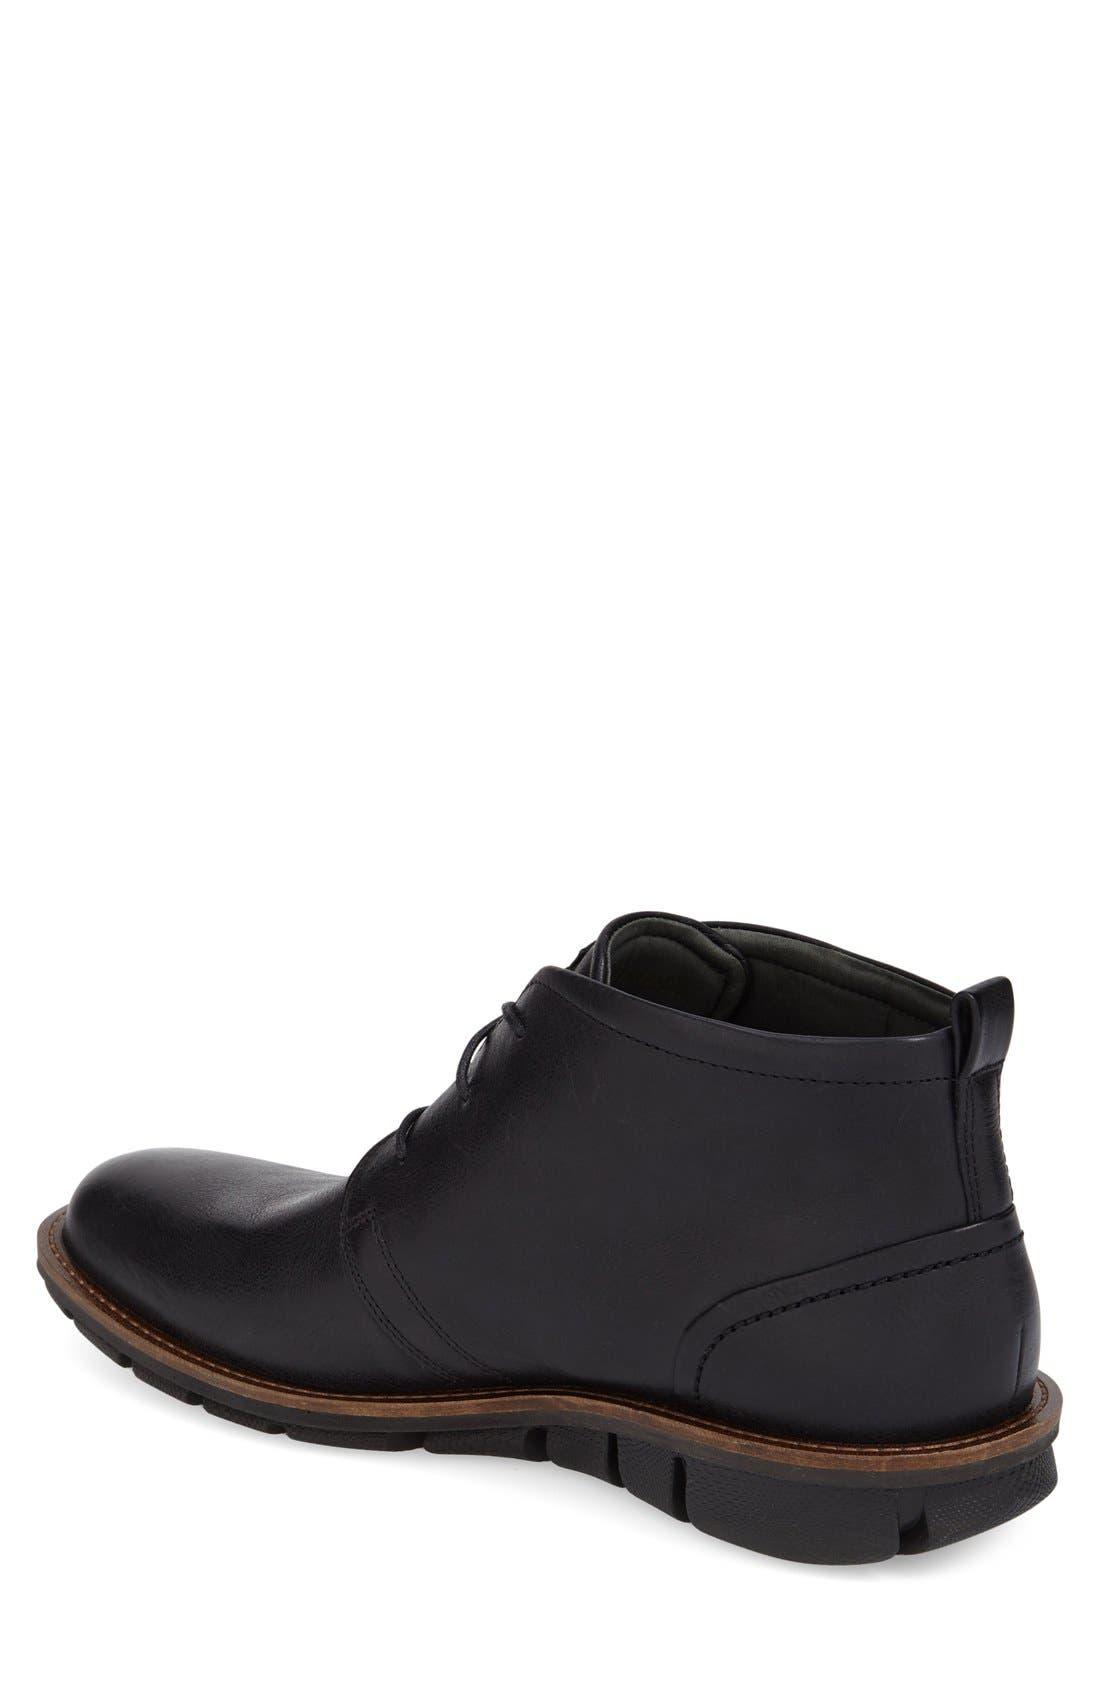 'Jeremy Hybrid' Plain Toe Boot,                             Alternate thumbnail 10, color,